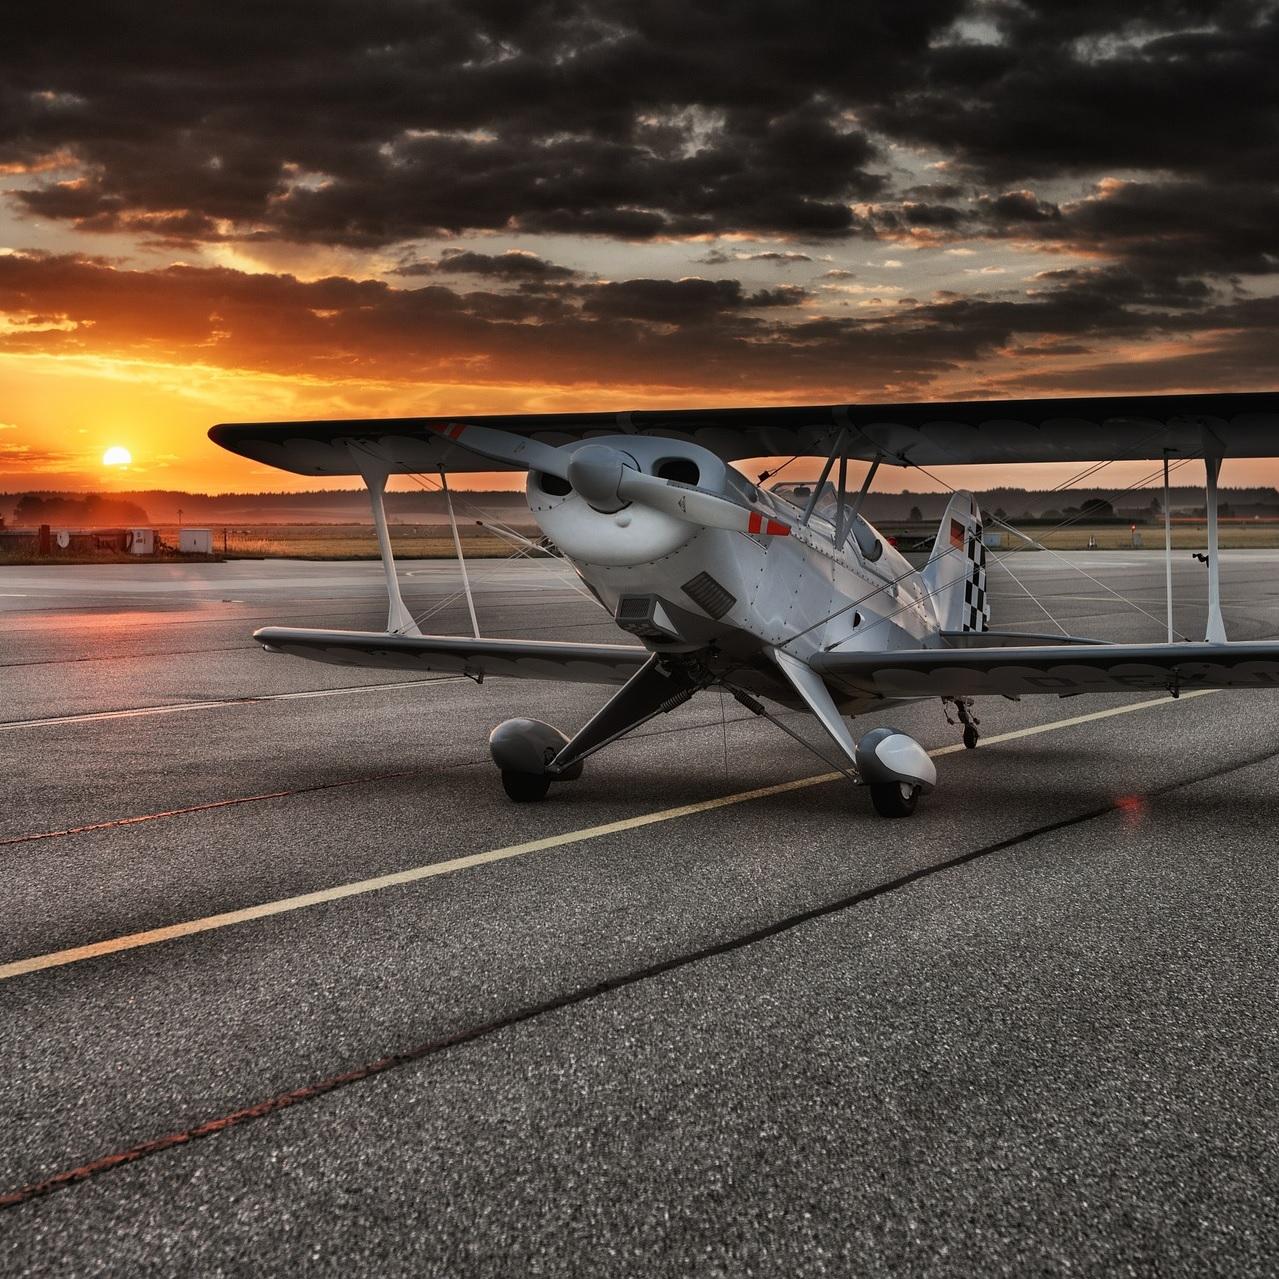 Landingspagina – 10 tips